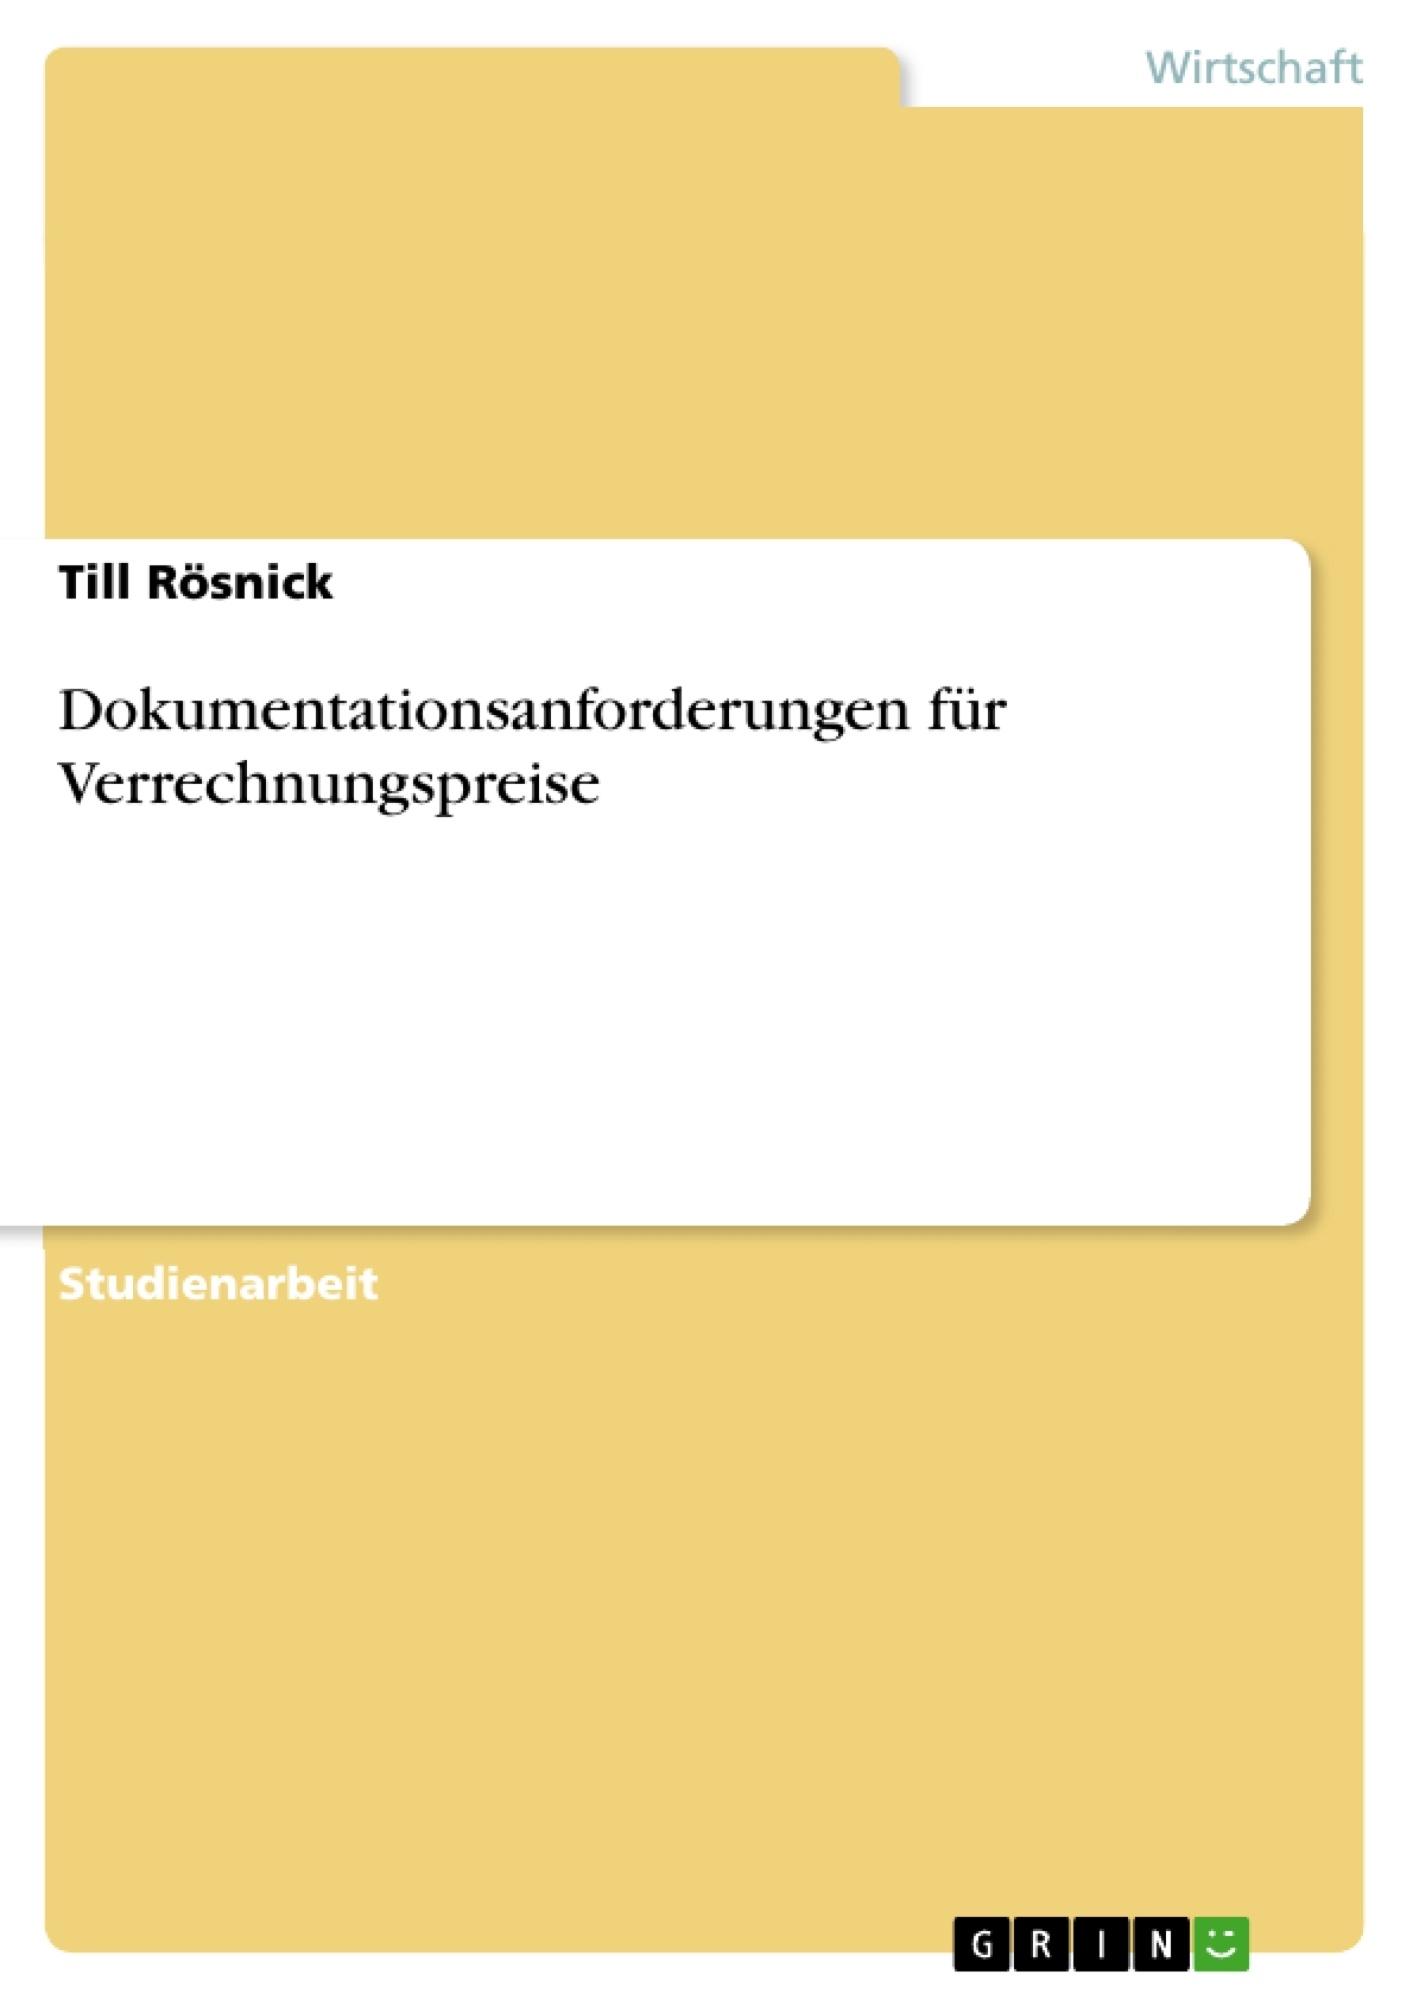 Titel: Dokumentationsanforderungen für Verrechnungspreise